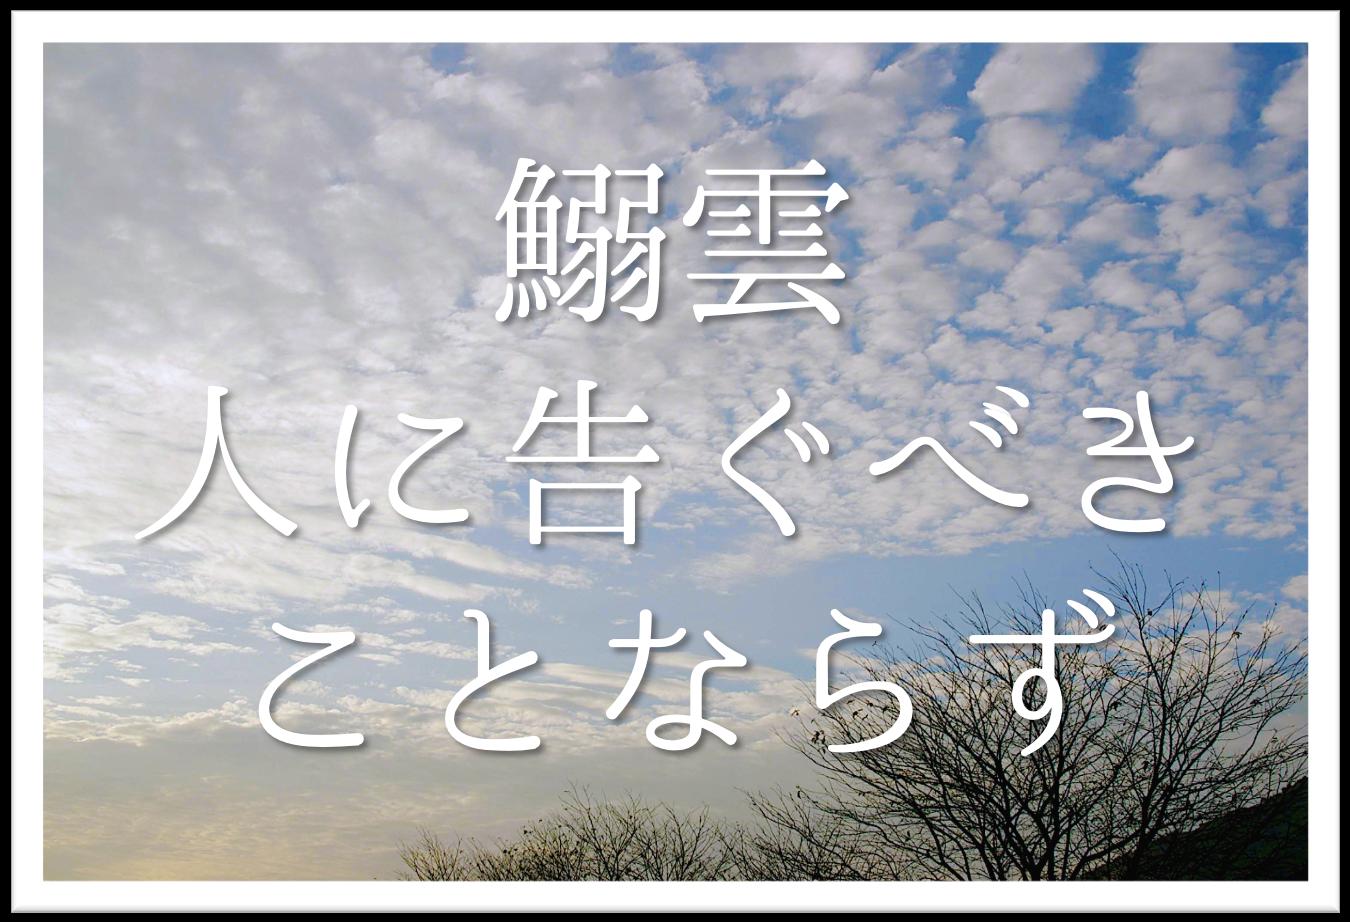 【鰯雲人に告ぐべきことならず】俳句の季語や意味・表現技法・鑑賞文・作者など徹底解説!!